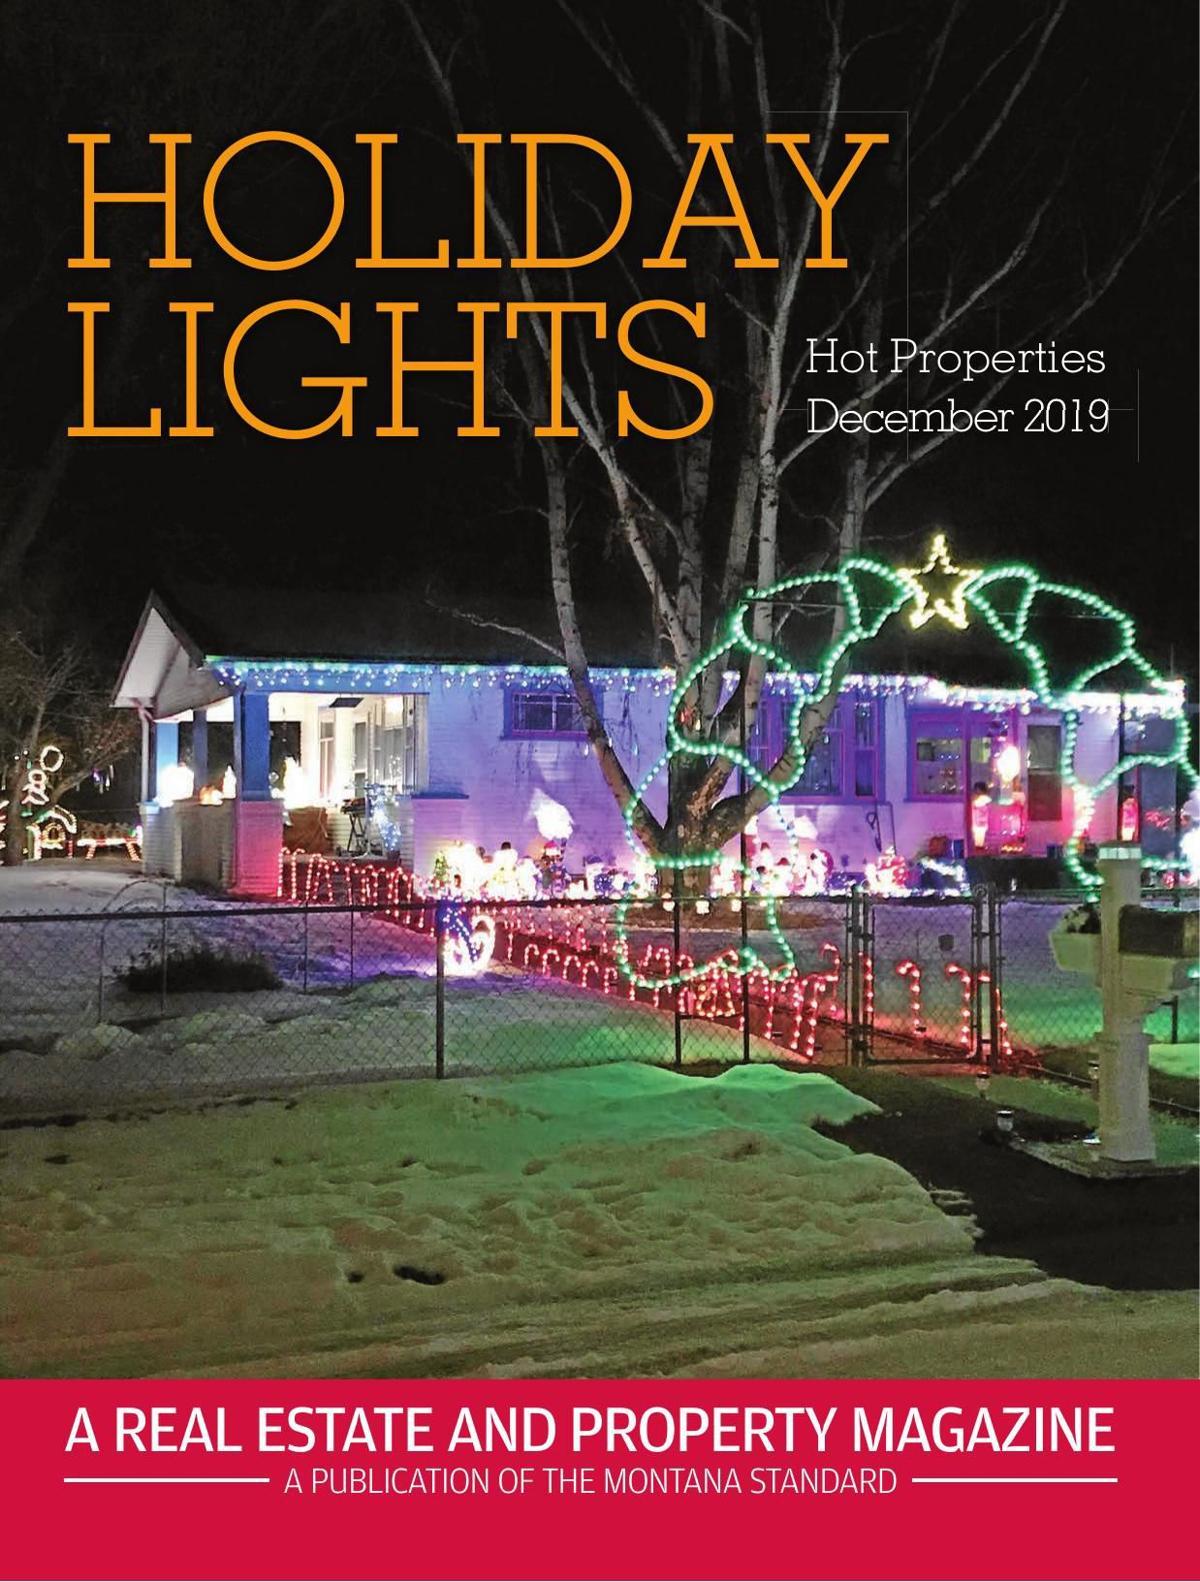 Holiday Lights 2019